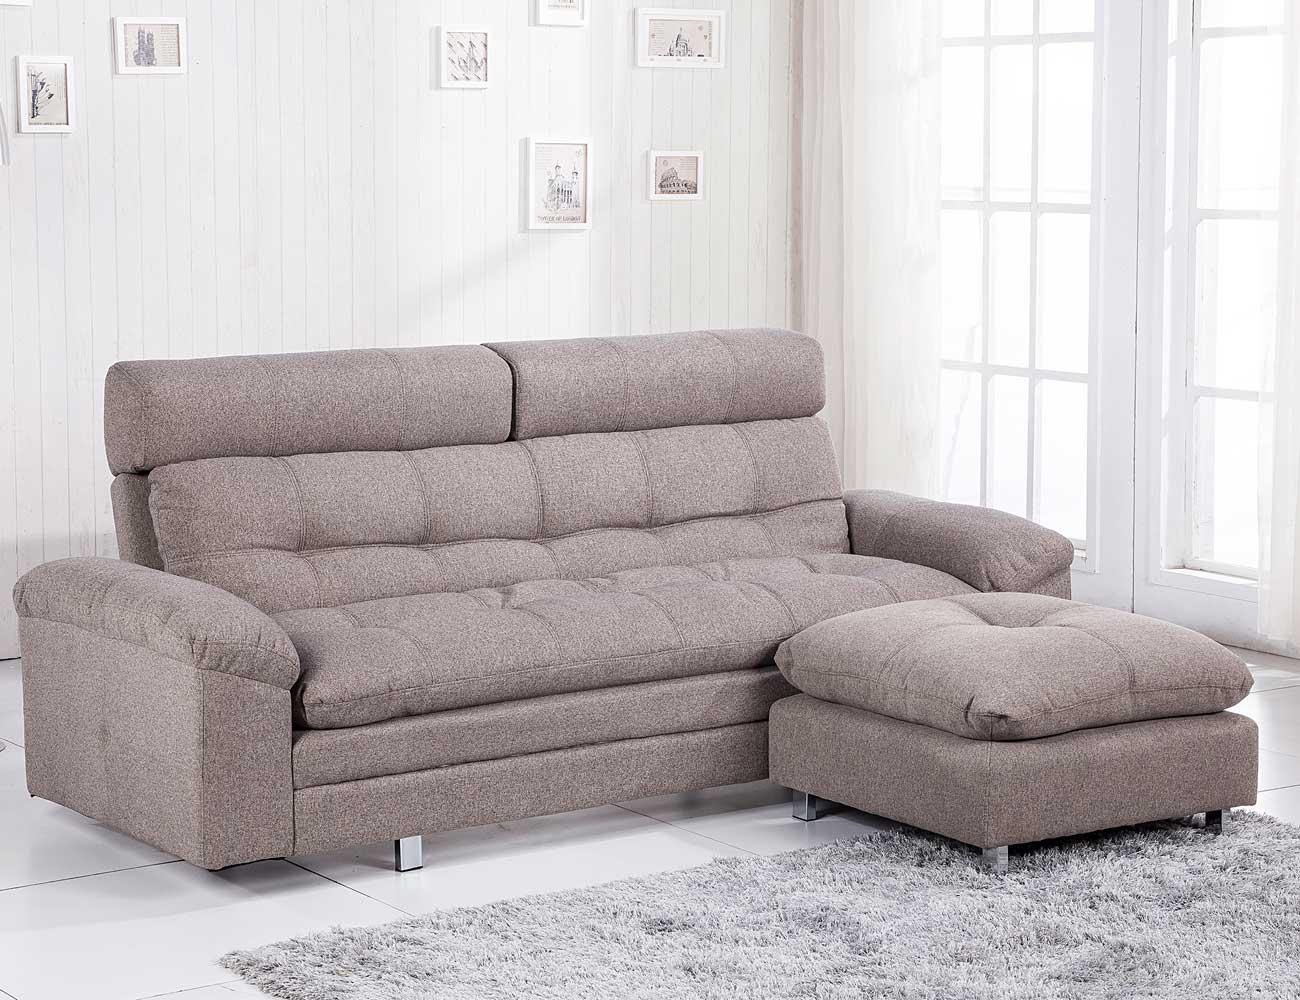 Sof cama con chaiselongue puf reversible y apoya cabeza for Precio de sofa cama de dos plazas